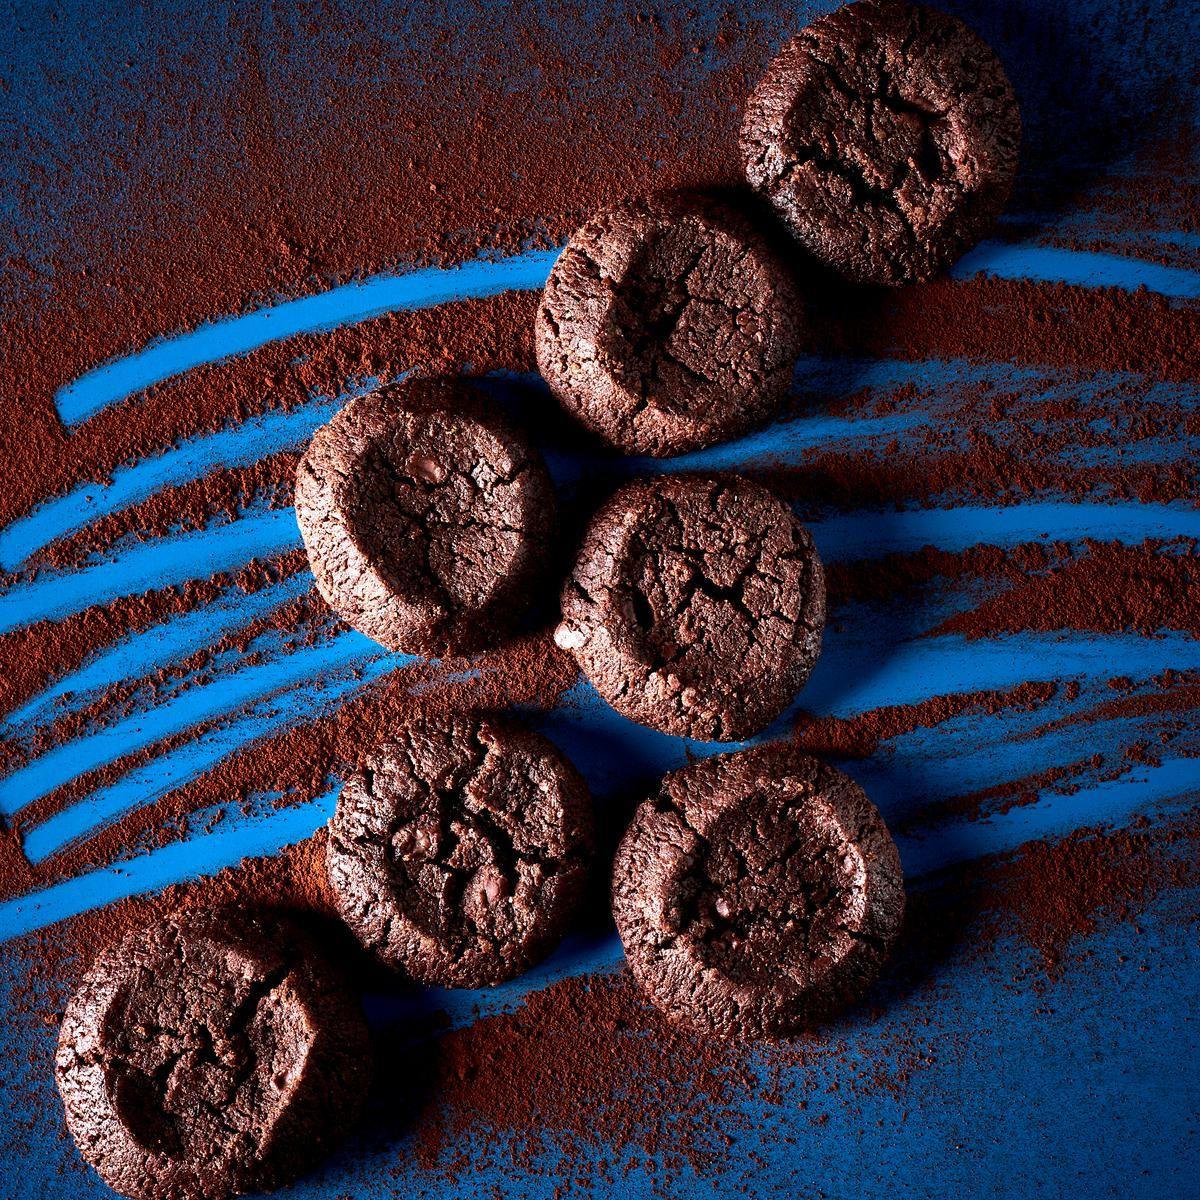 Hacher finement le chocolat, tamiser farine et cacao. Mélanger le beurre mou, le sucre, la cassonade, la fleur de sel, la vanille, incorporer la poudre farine-cacao, le chocolat, malaxer rapidement du bout des doigts jusqu'à l'obtention d'une pâte sablée. La diviser en trois, former des boudins de 4 cm de diamètre et 40 cm de long, les enrouler dans du film transparent et laisser 2 heures au réfrigérateur. Préchauffer le four à 170 °C. Retirer le film des boudins et détailler la pâte en…